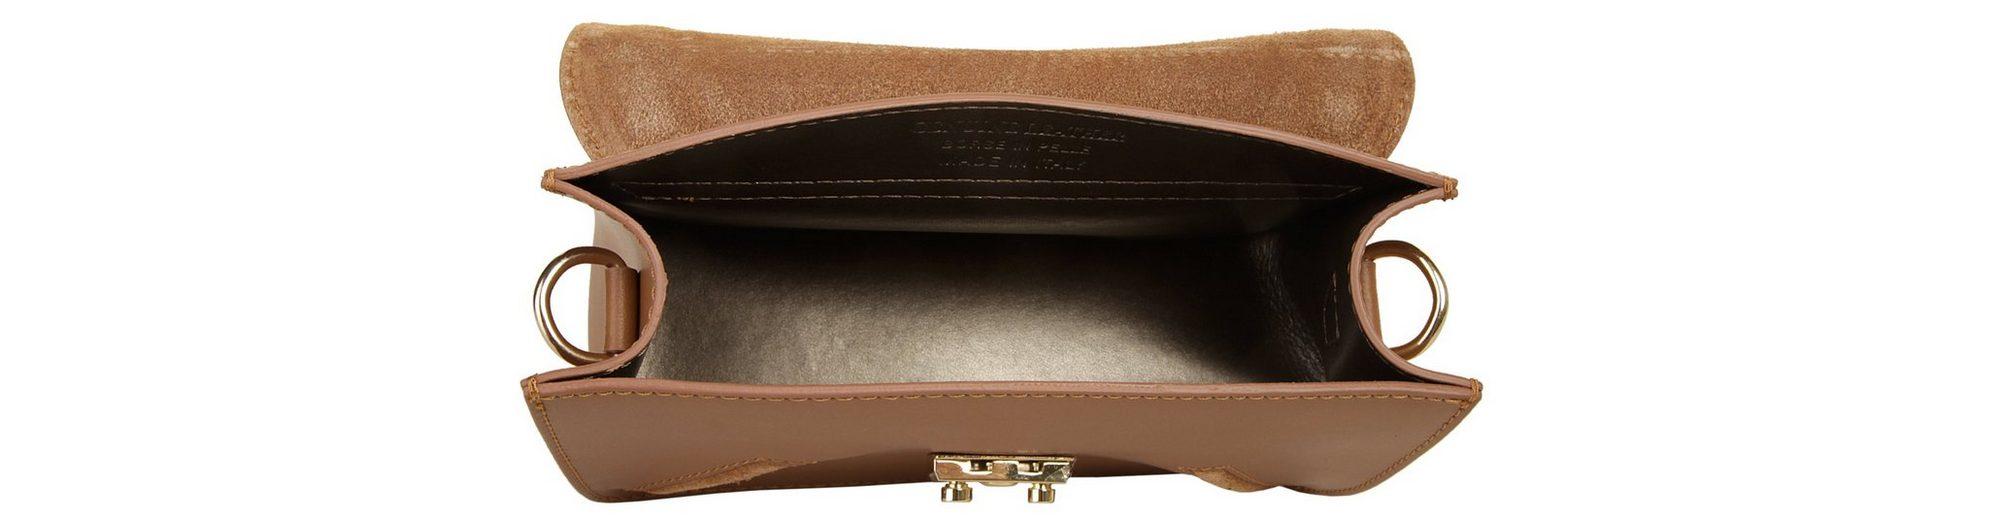 Auslass Verkauf Bequem Online Cluty Umhängetasche Ganz Welt Versand Mit Kreditkarte Günstigem Preis 7BF8VPXOF